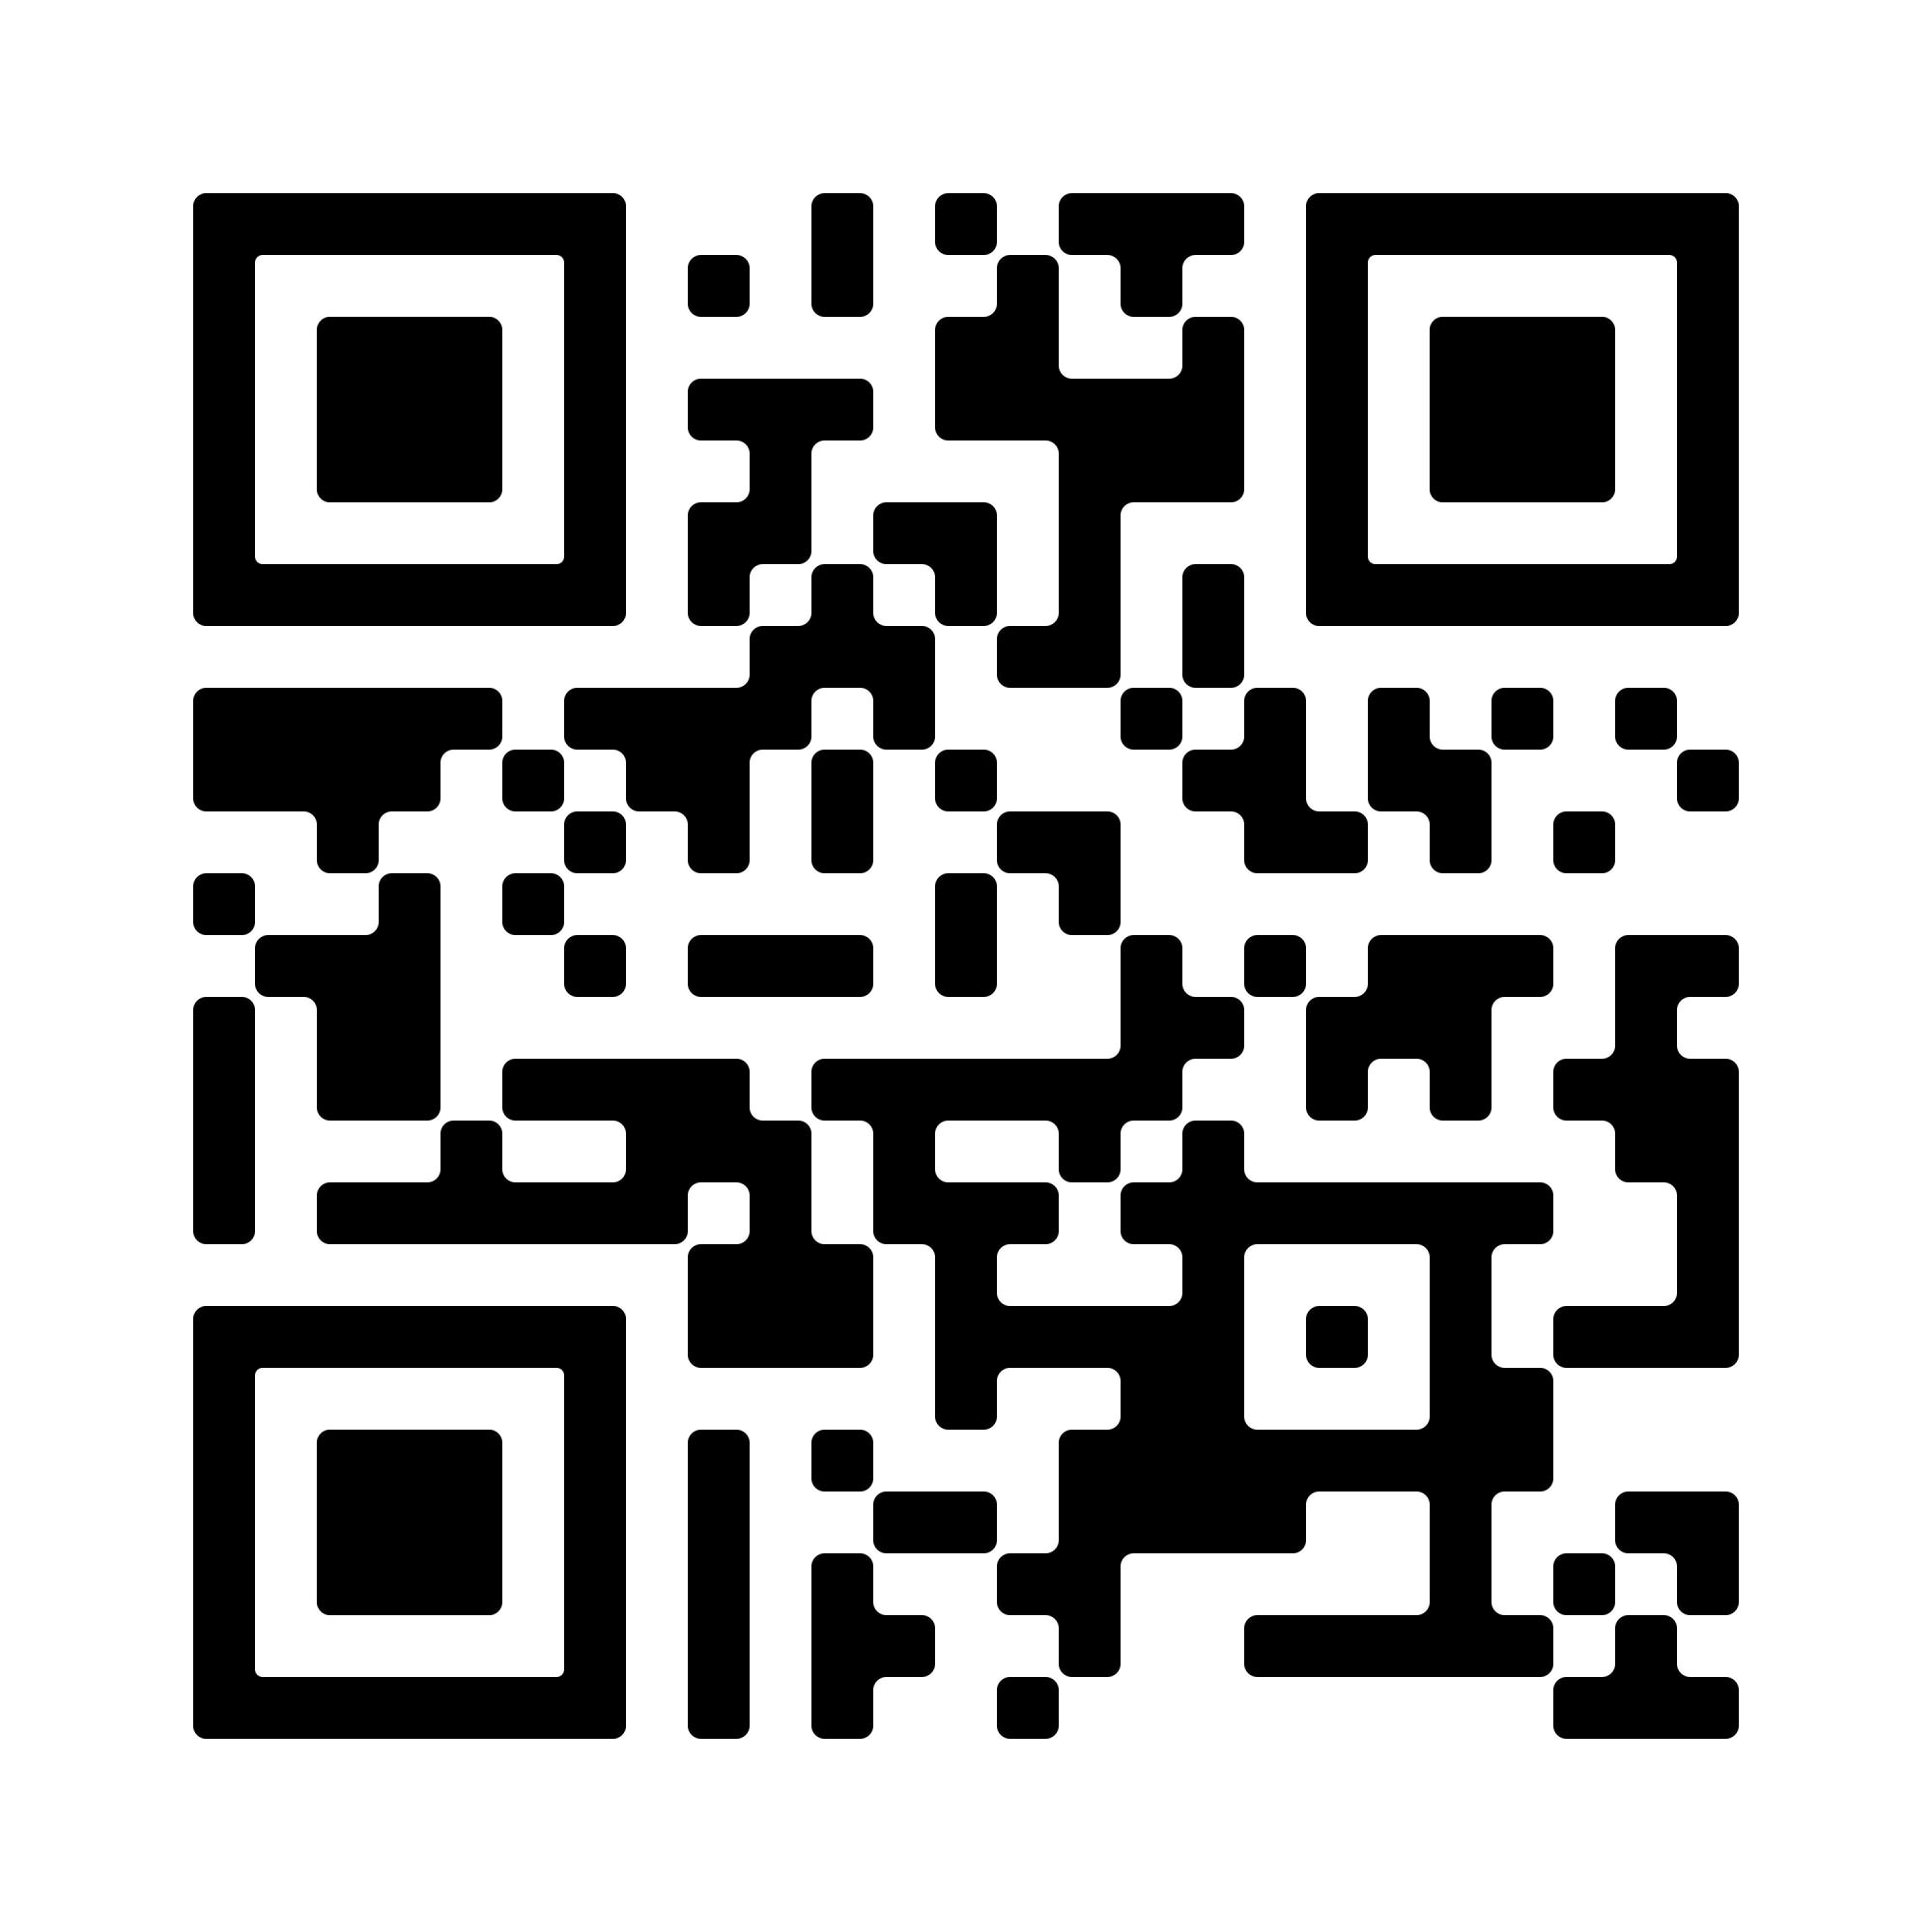 Kontaktdaten QR Code GeländerXpress.de GmbH am virtuellen Messestand